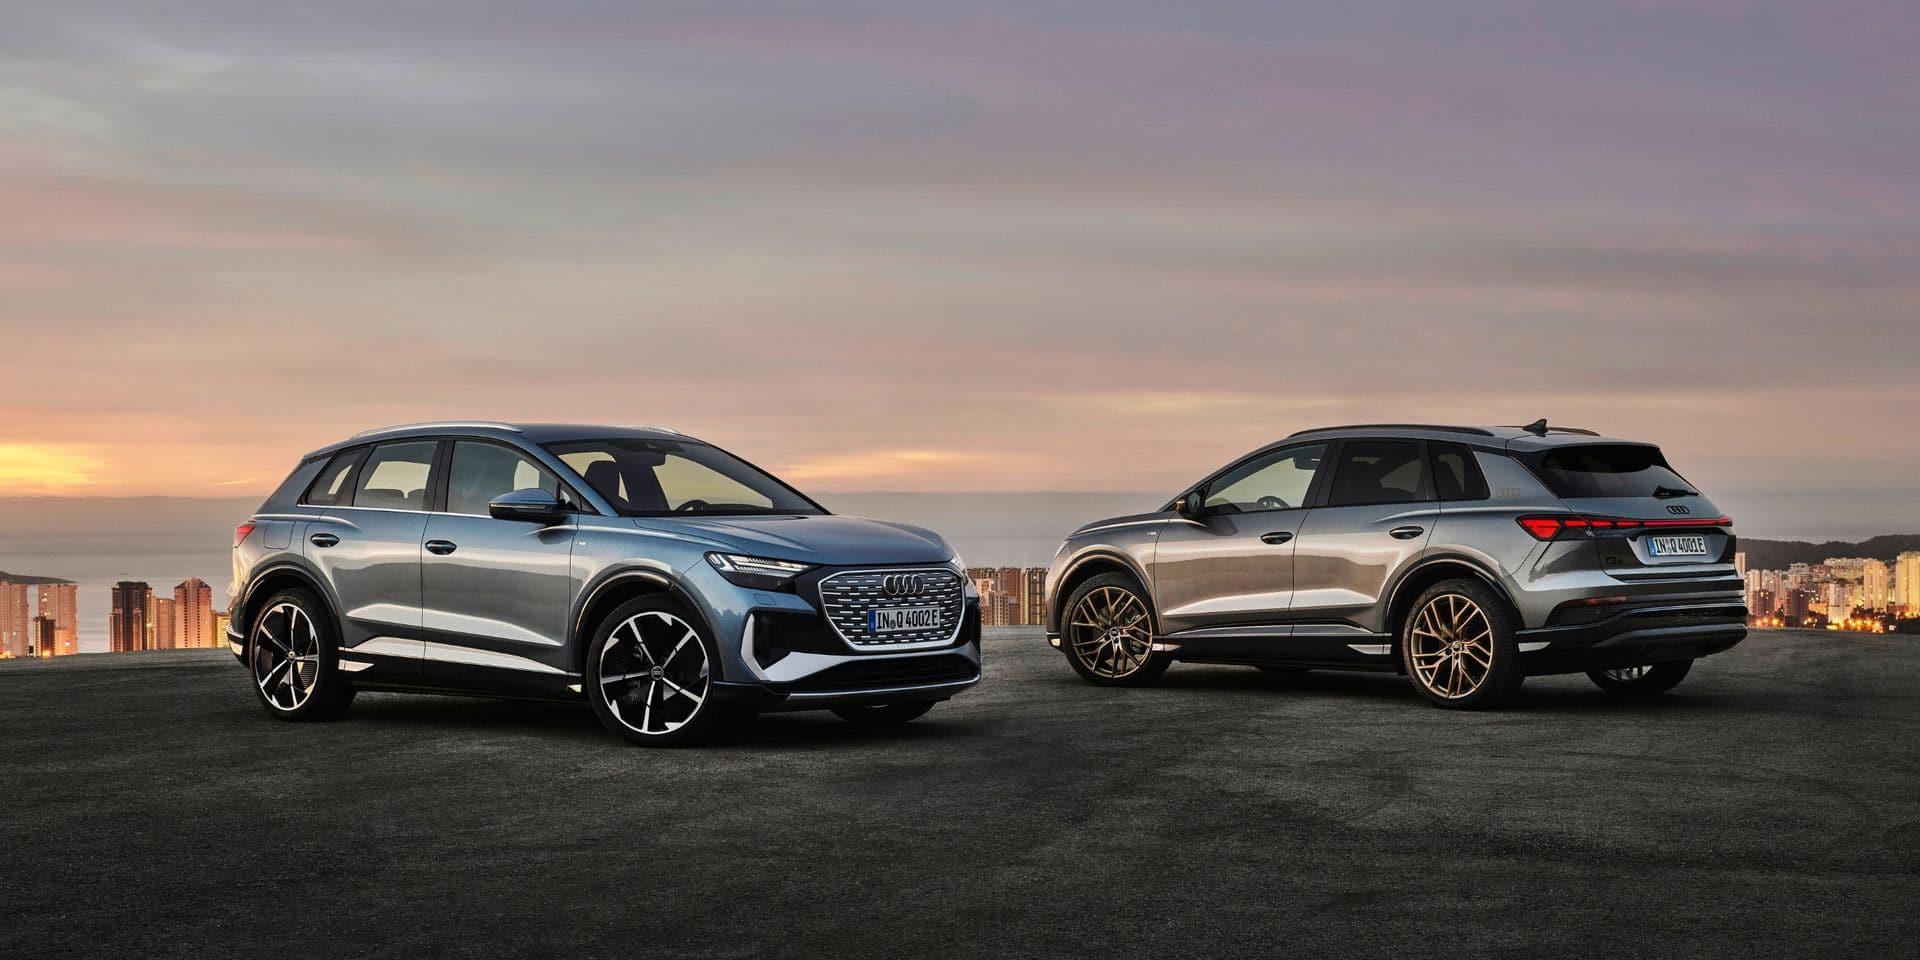 Audi dévoile les Q4 e-tron et Q4 Sportback e-tron, ses SUV compacts électriques